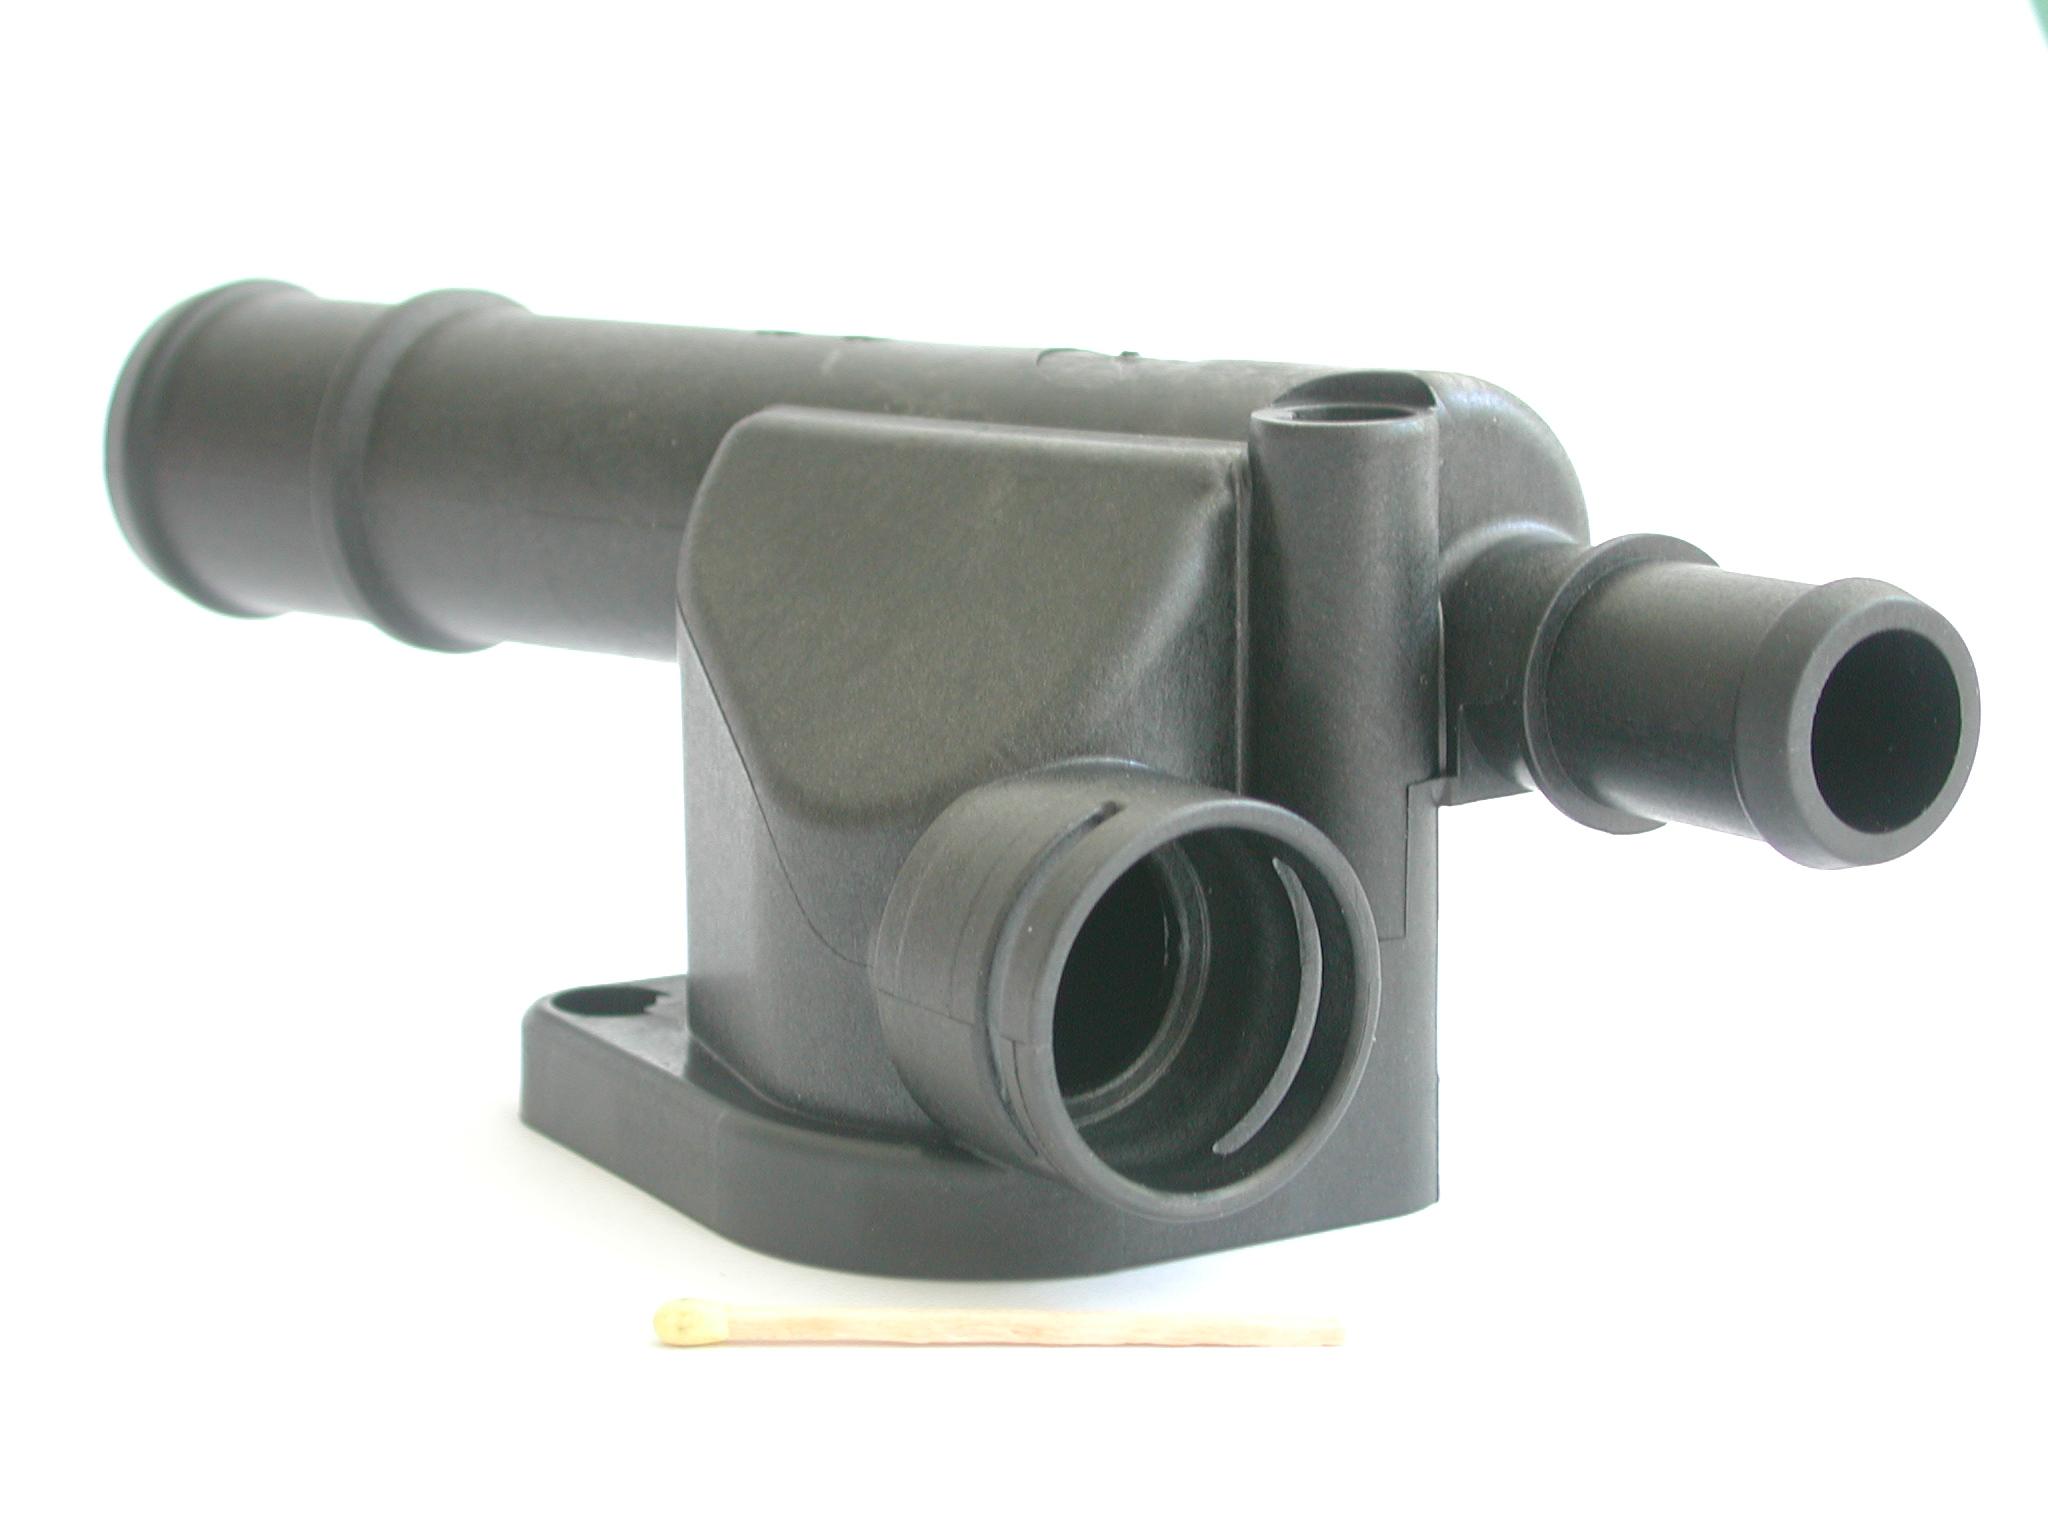 DSCN6191